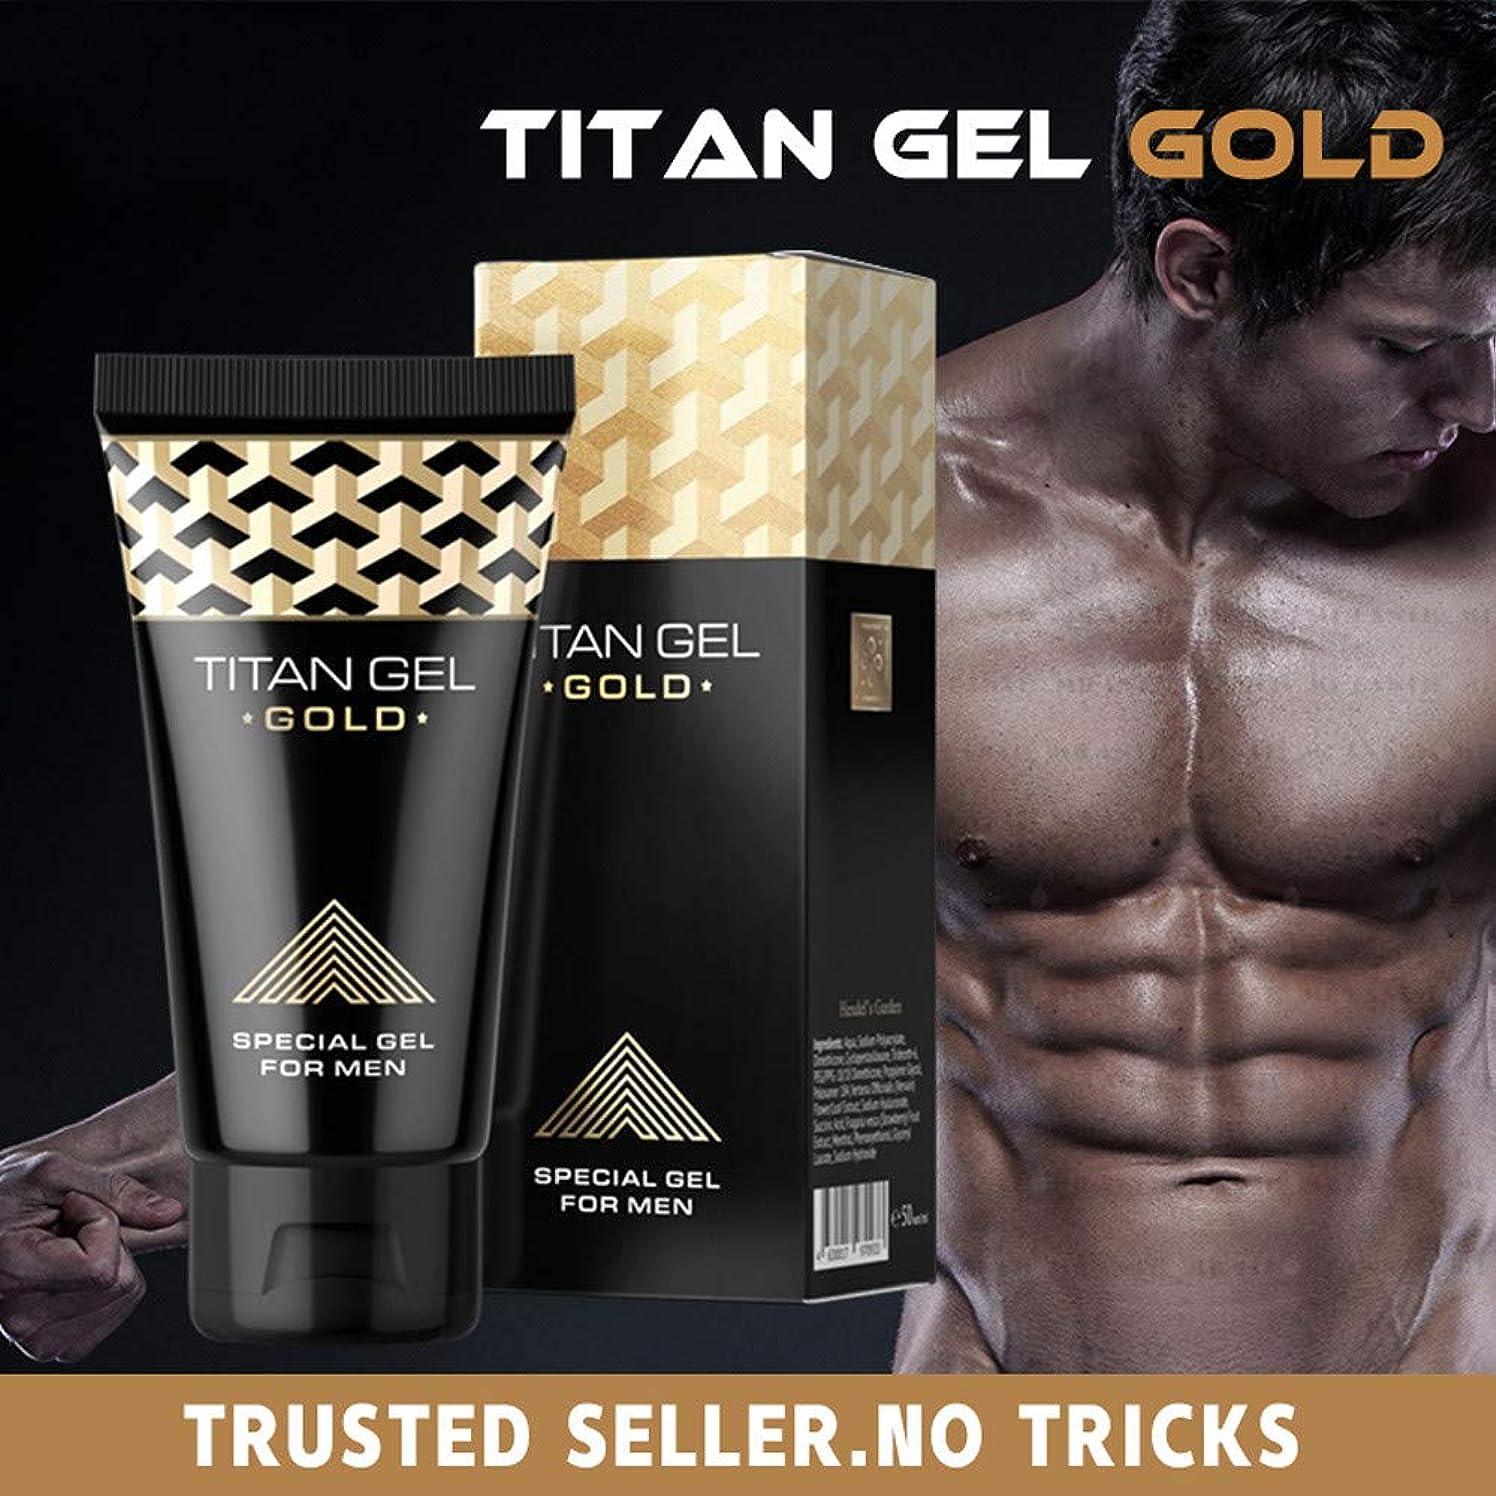 いいねフォーク論理的にEldori Male Growth Penis Extender Enlarger Increase Herbal Enlargement Essential Oil エッセンシャルオイル ペニス用 マッサージオイル 男性用 10ML (R)